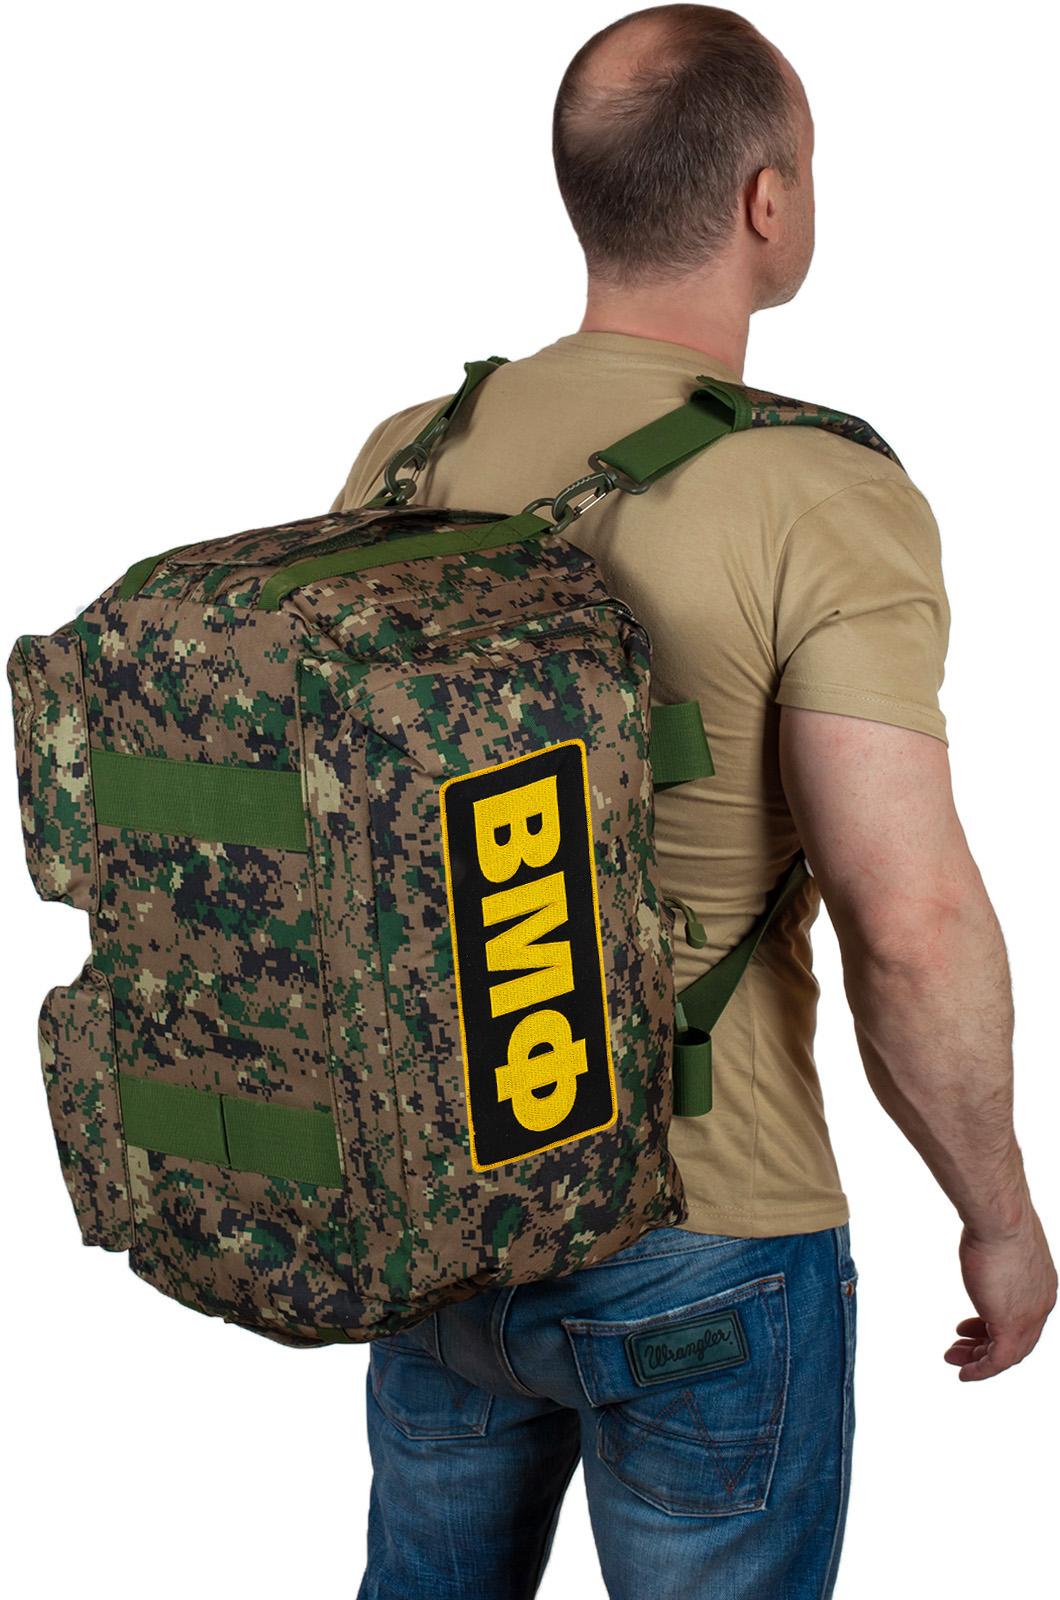 Купить тактическую дорожную сумку с нашивкой ВМФ с доставкой в ваш город